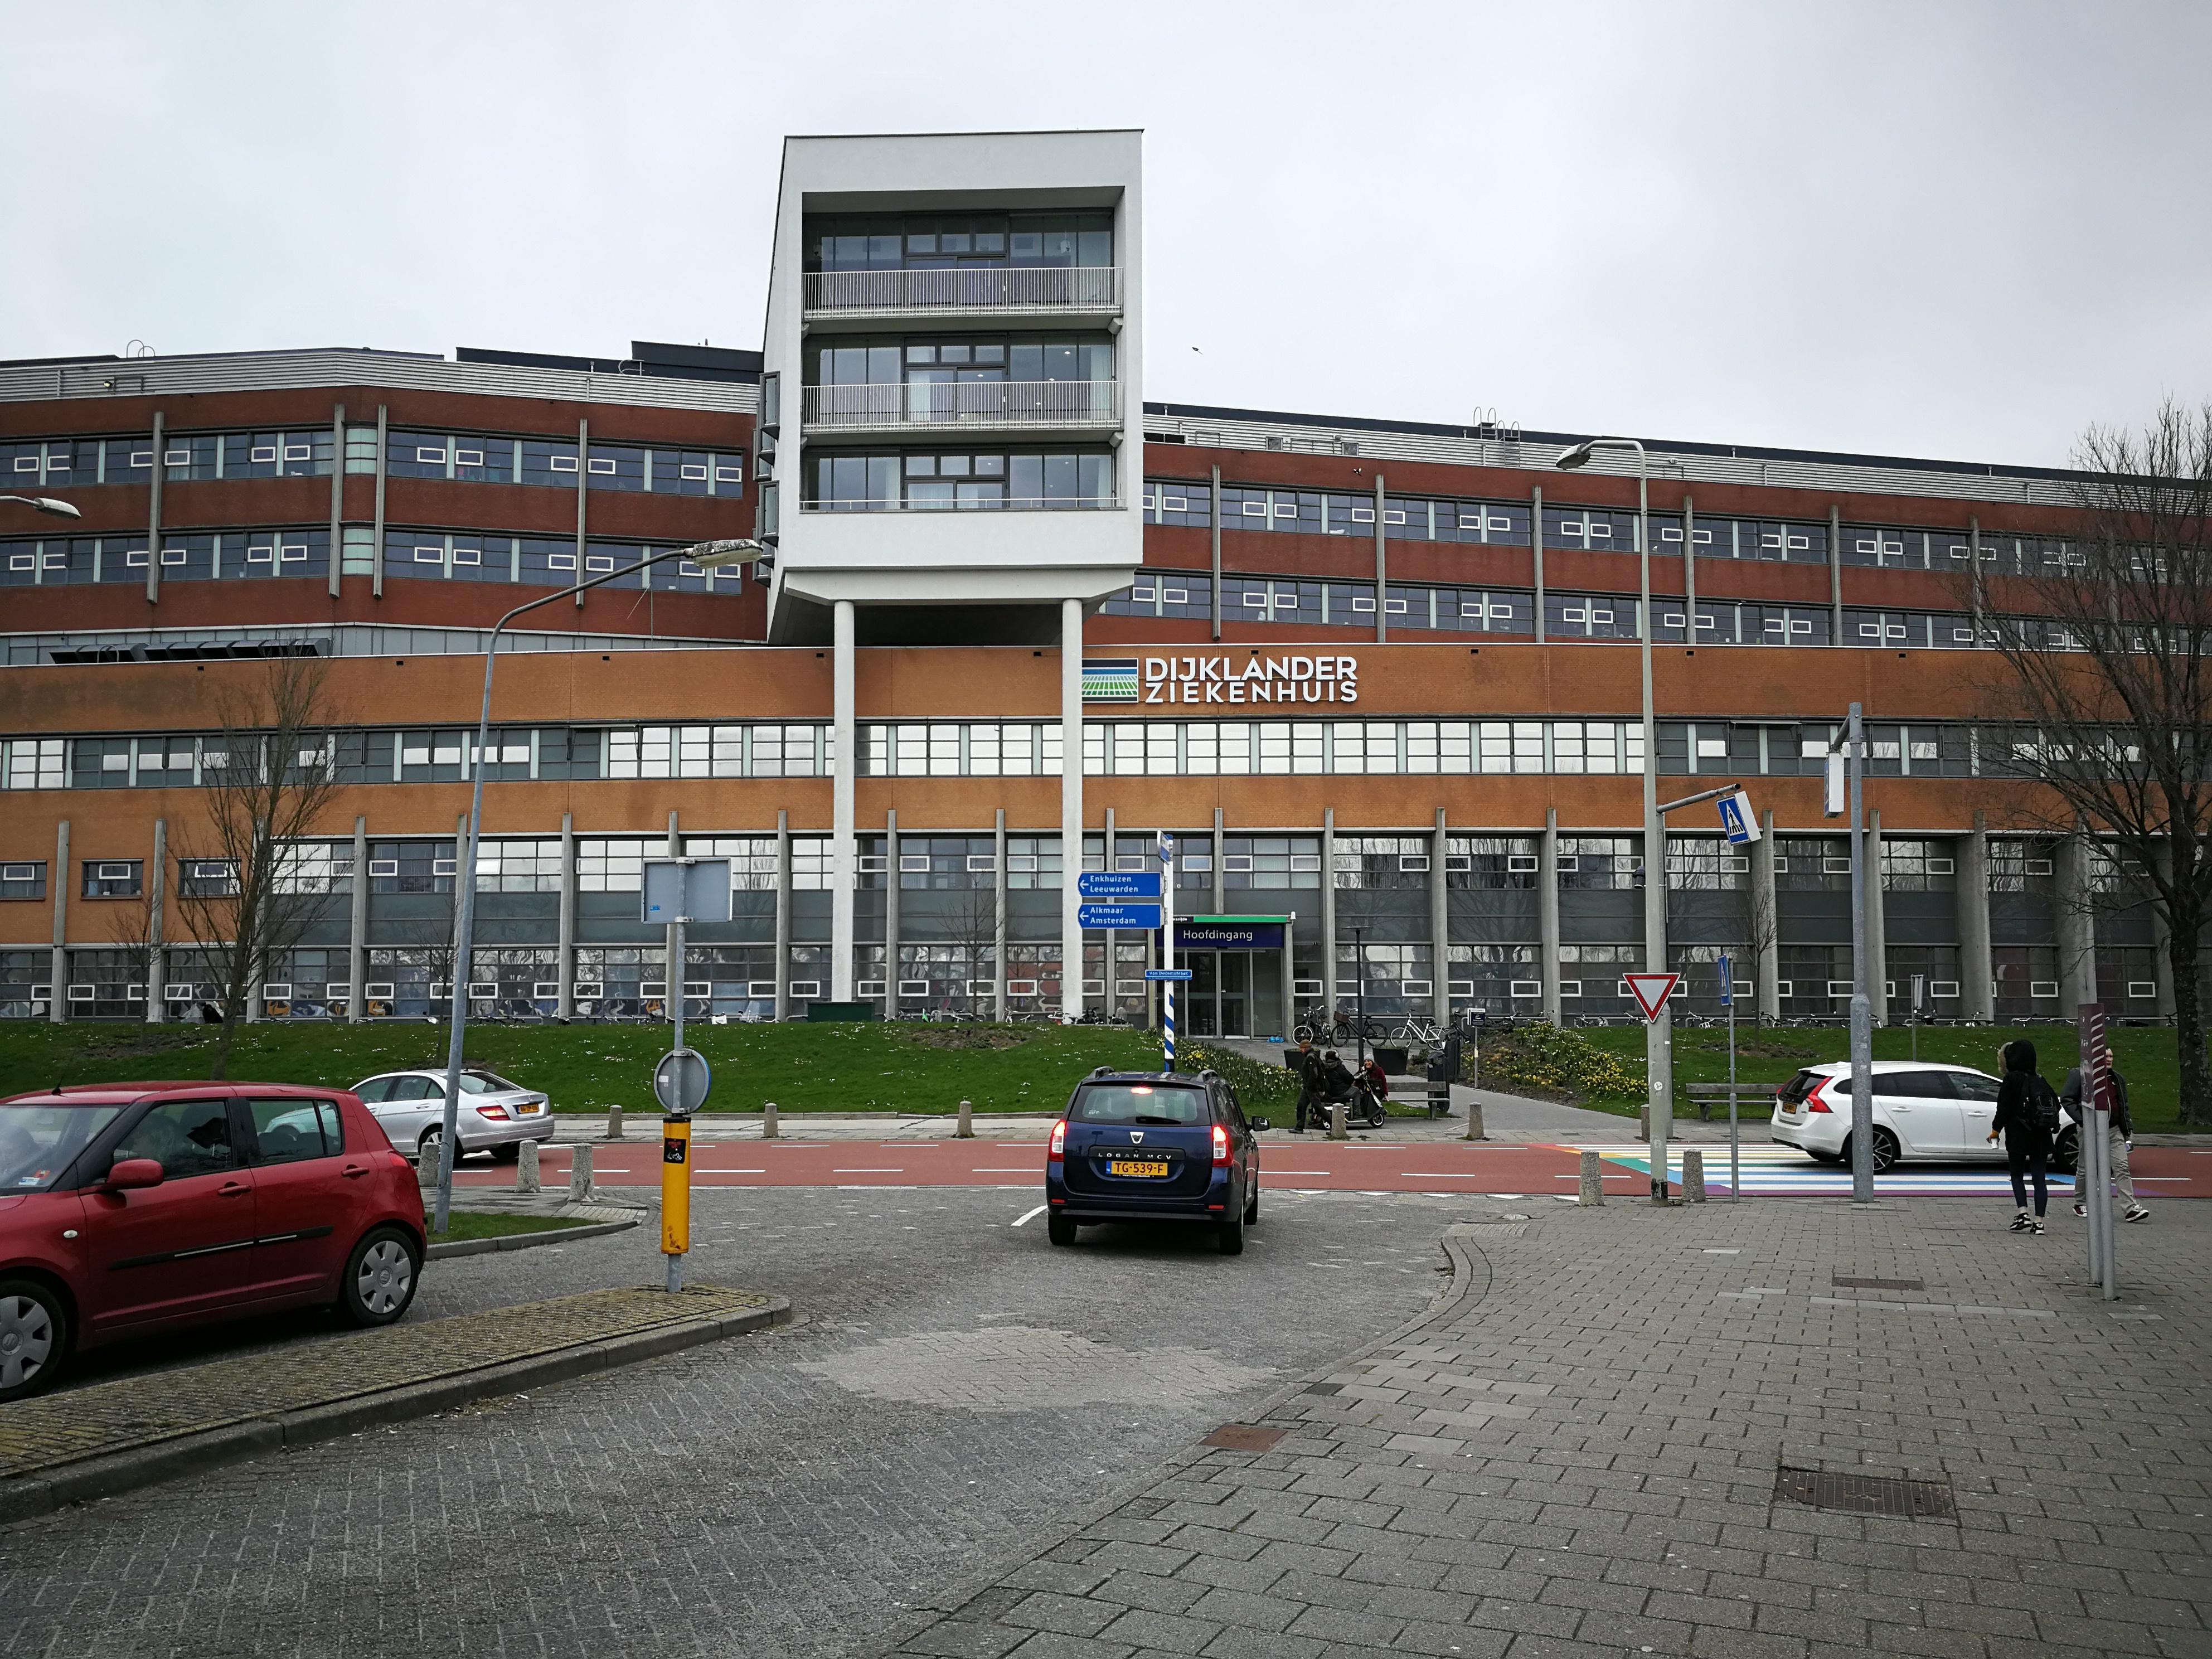 Teller voor Dijklander Ziekenhuis staat op 71 coronapatiënten uit West-Friesland